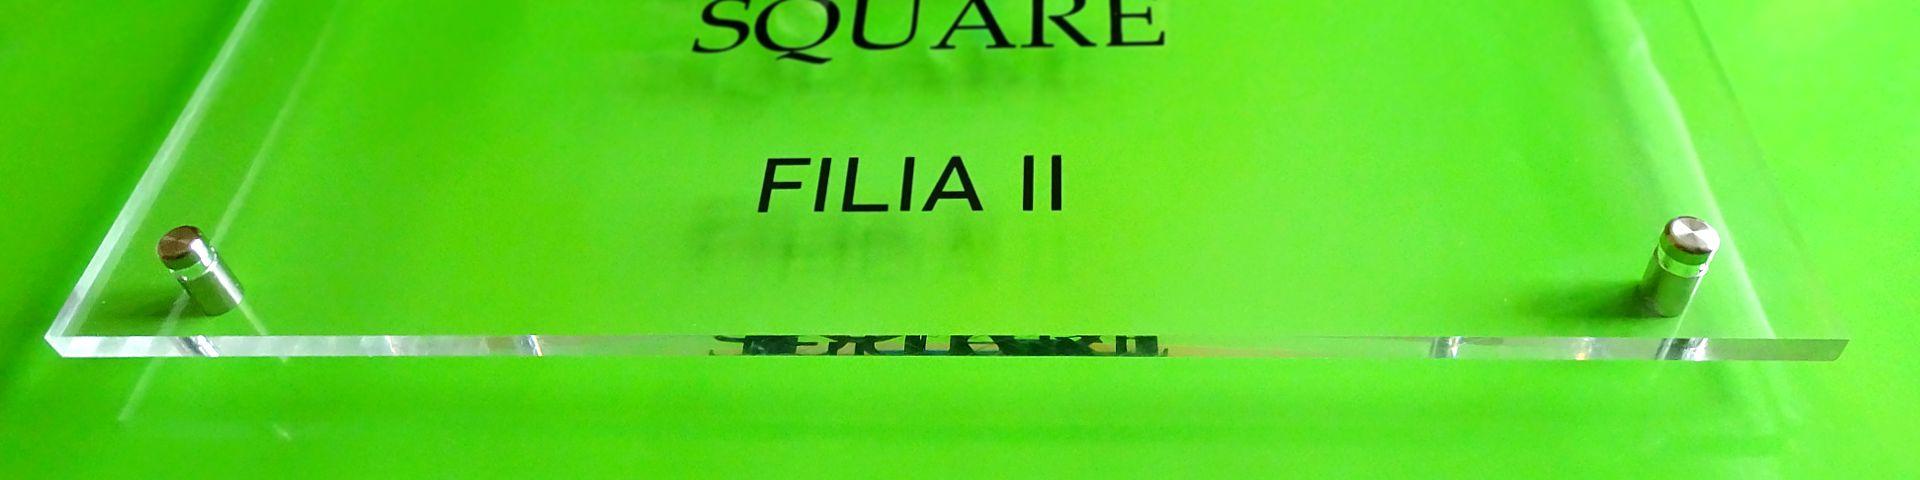 cena szyldu z pleksiglasu reklama elegancka tablica reprezentacyjna